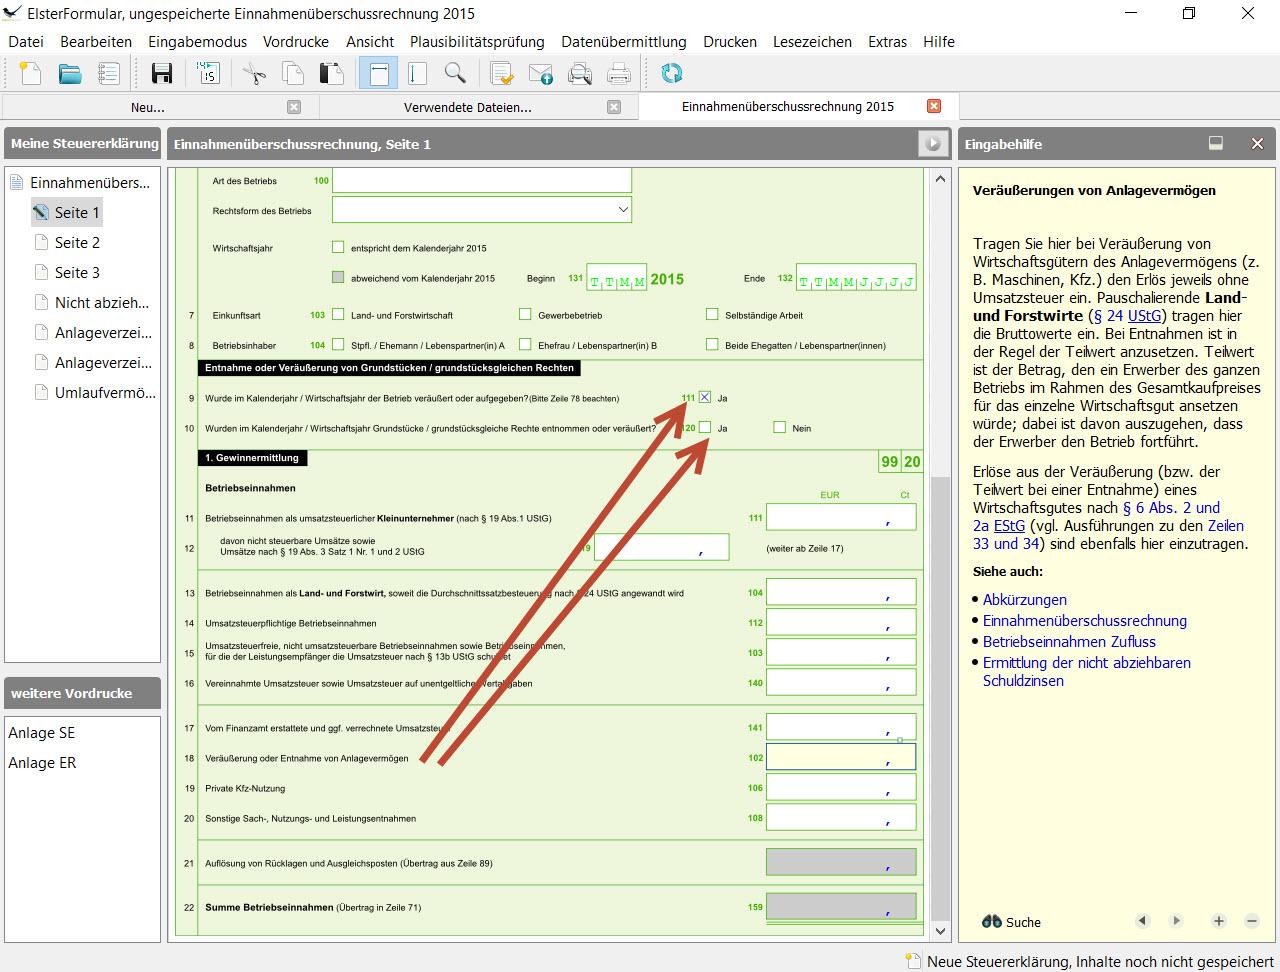 Lexware EÜR-Formular: Zeilen 9-10 Verkauf an Betriebs- und Familienfremde oder Beginn der Eigennutzung von ehemaligen Betriebsvermögen